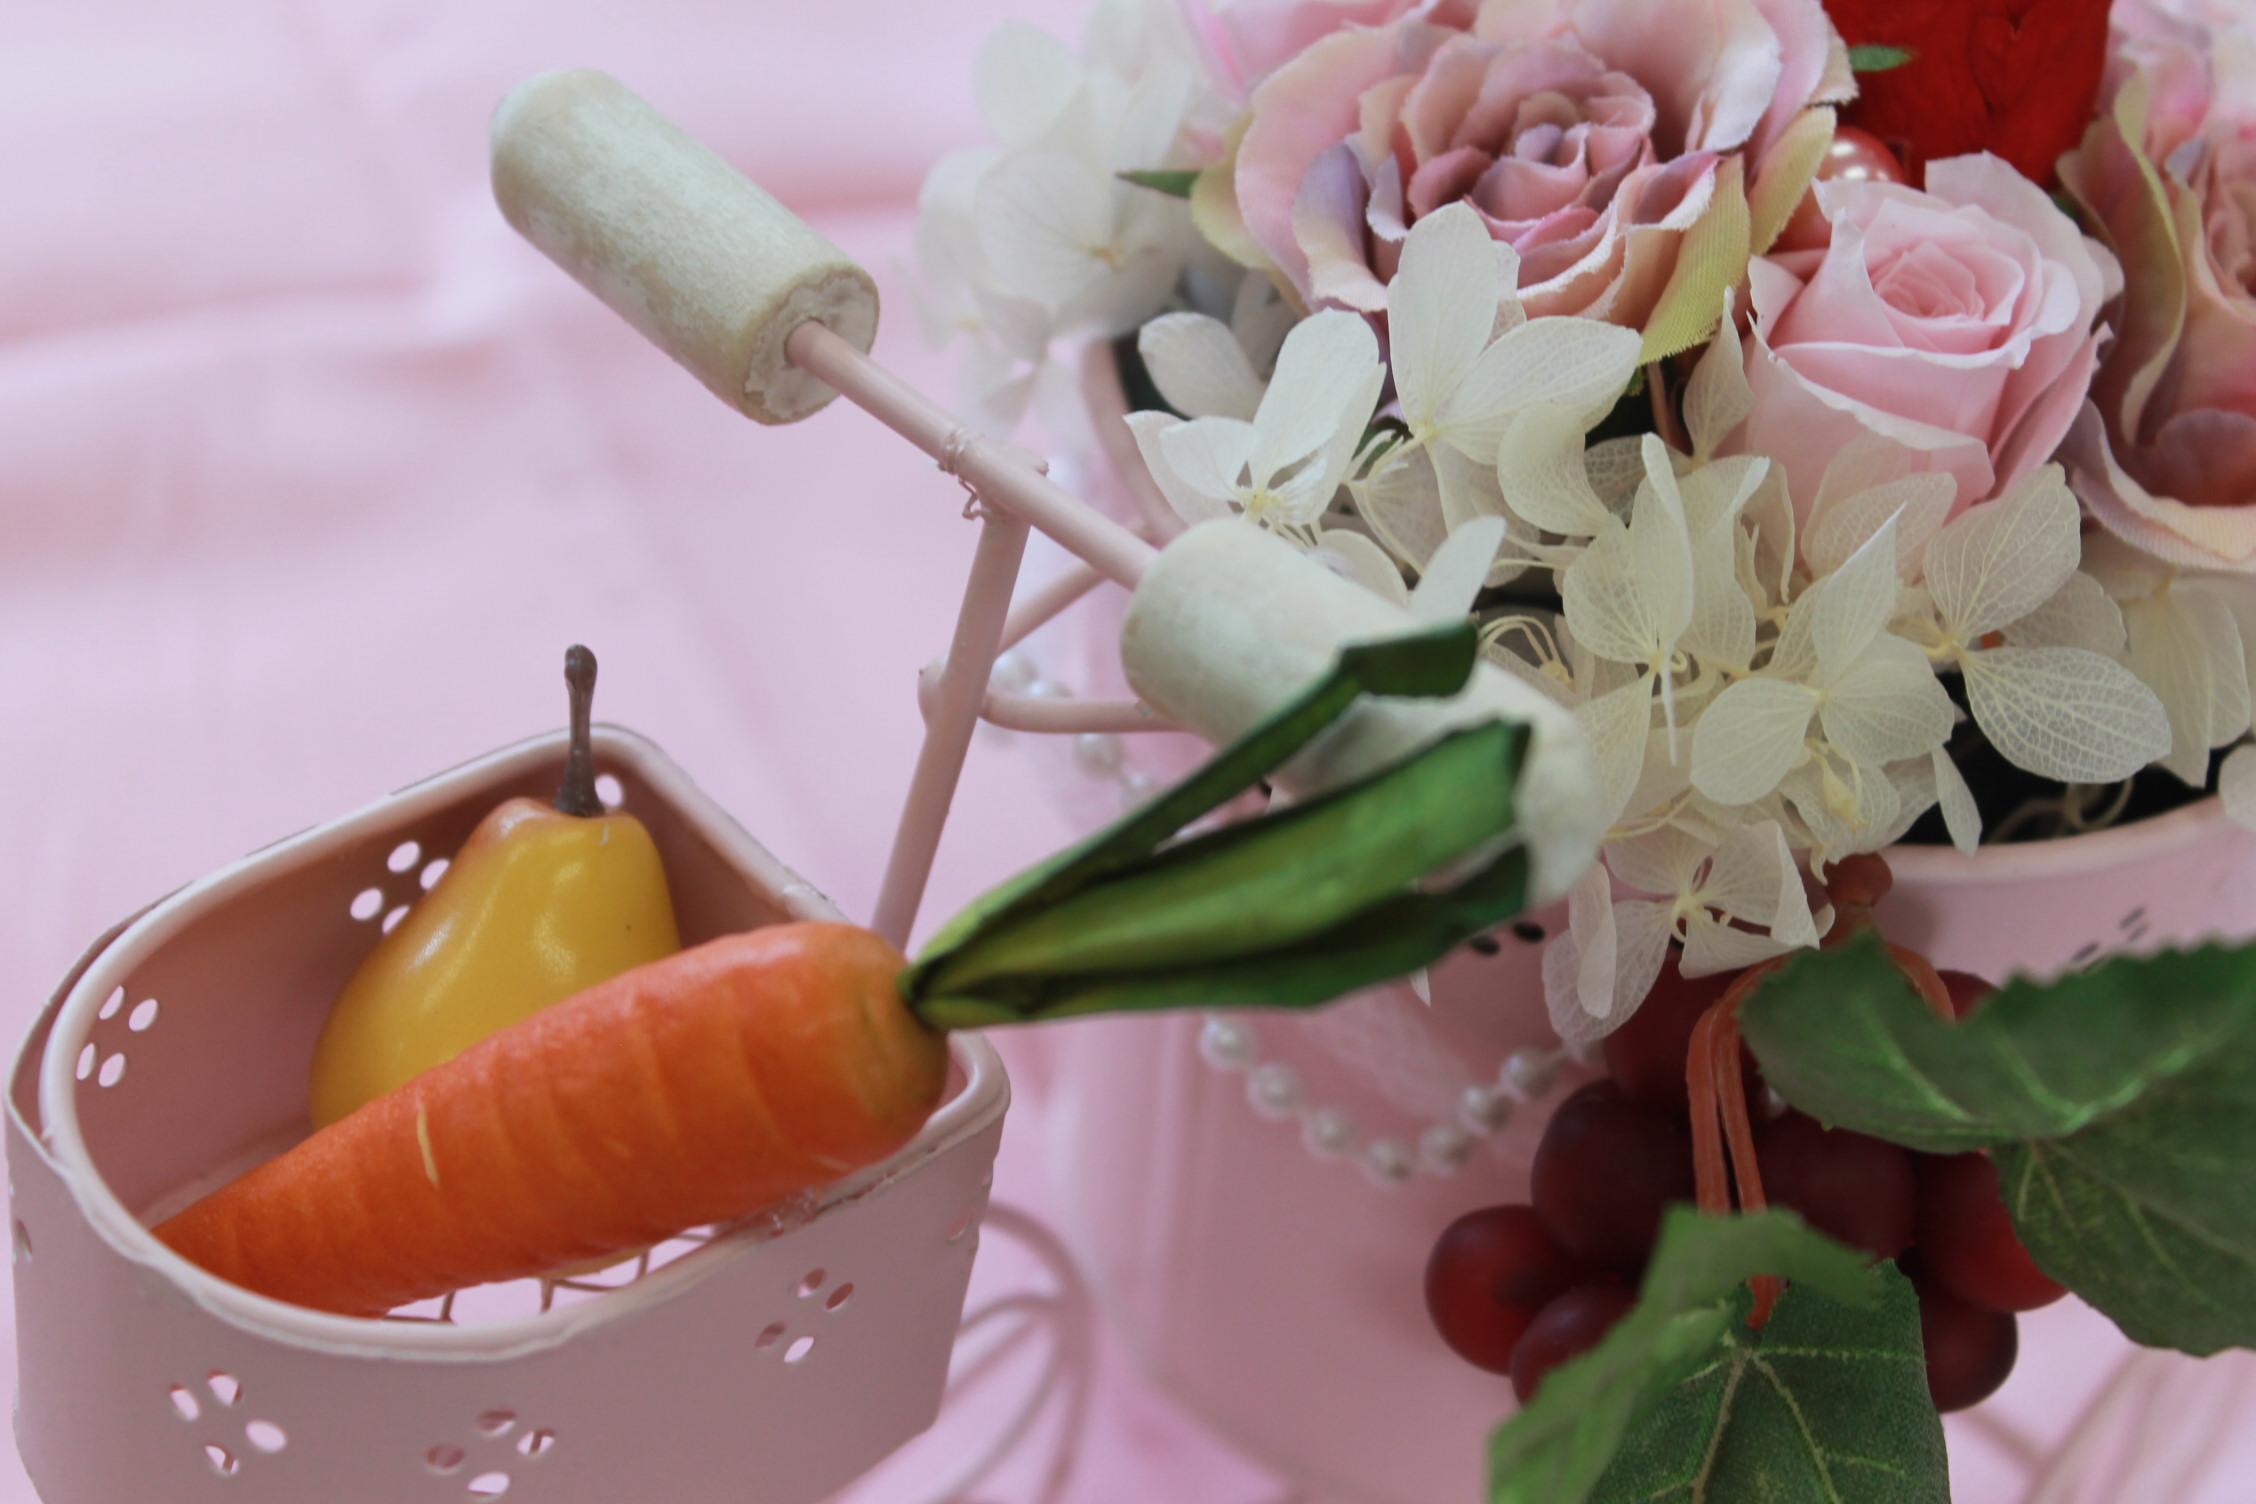 女子高生のみなさんとお花を_e0201009_1650172.jpg